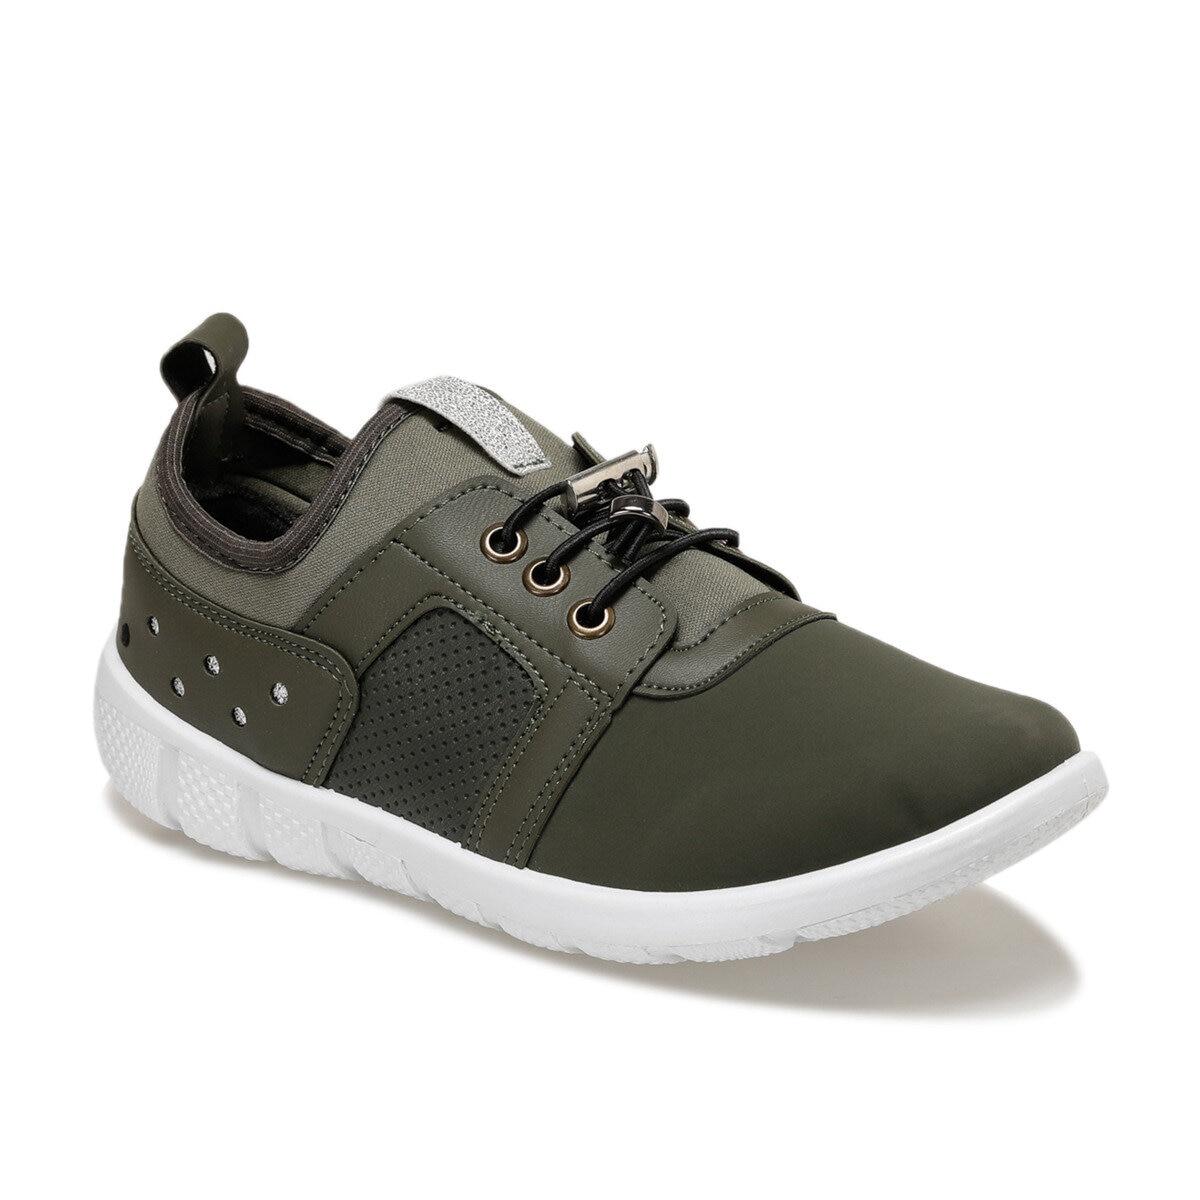 FLO 92.314862.Z Khaki Women 'S Sneaker Polaris